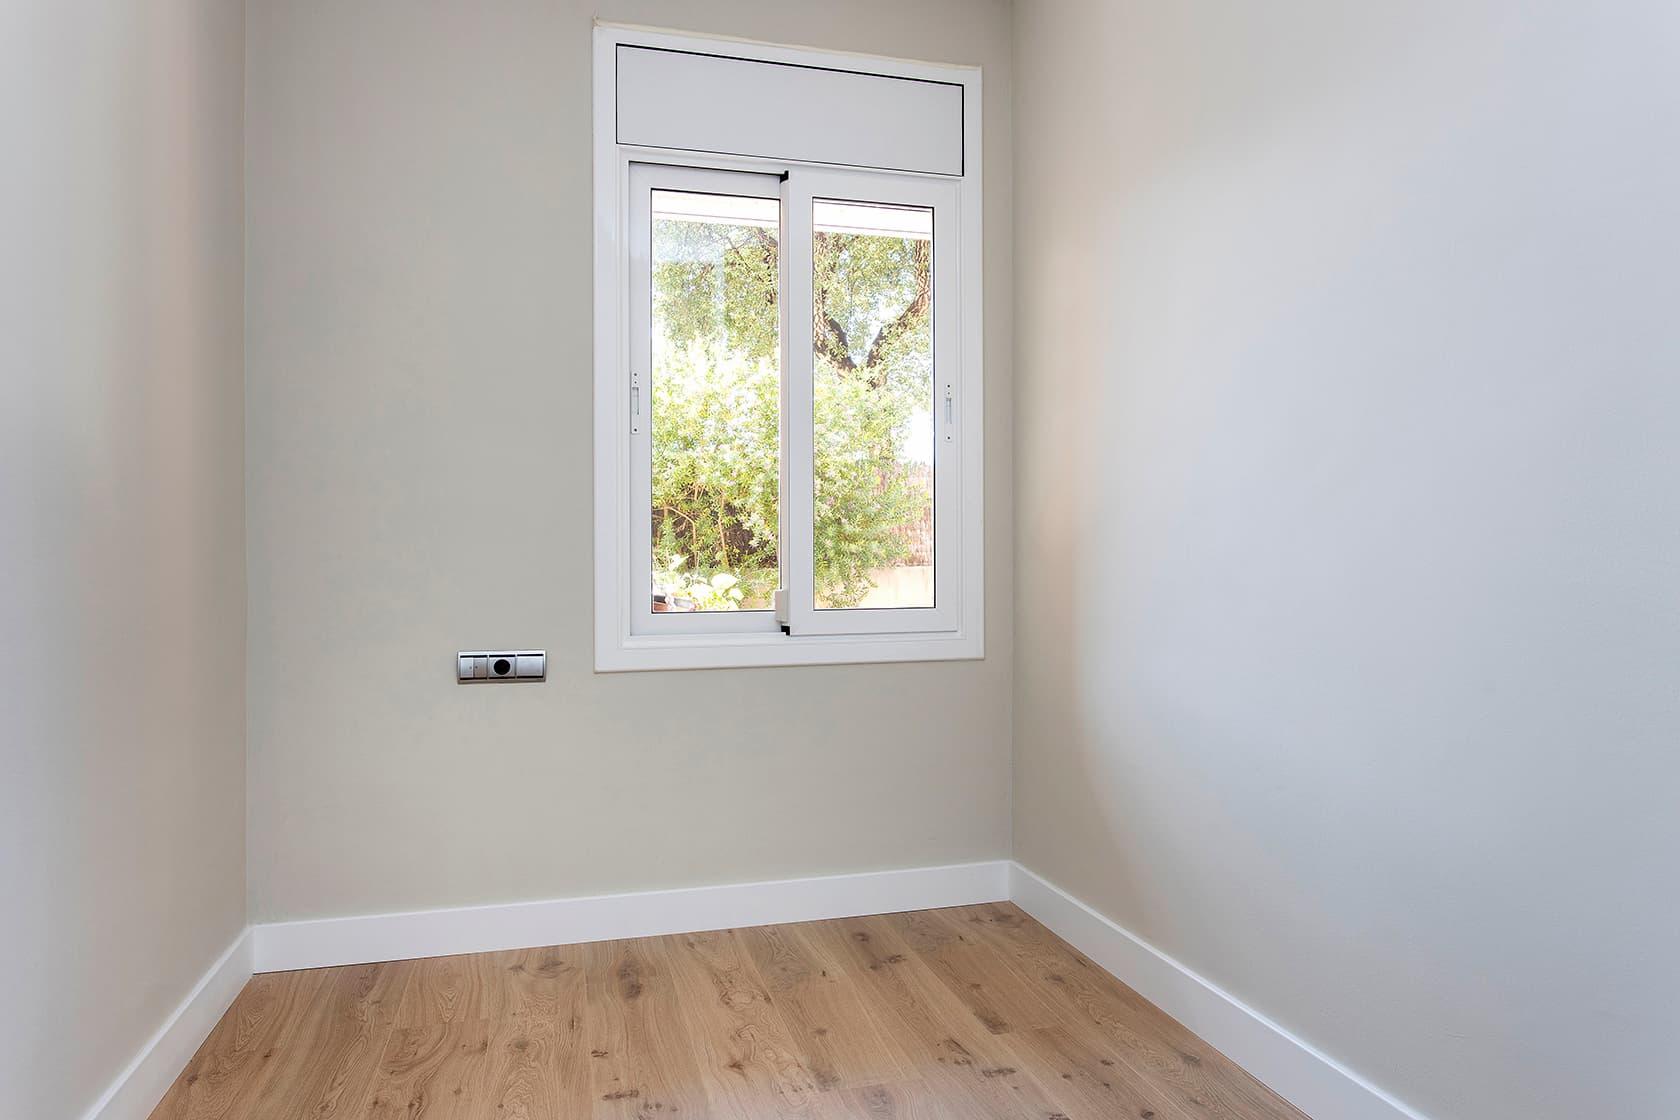 Habitación con parquet y ventana